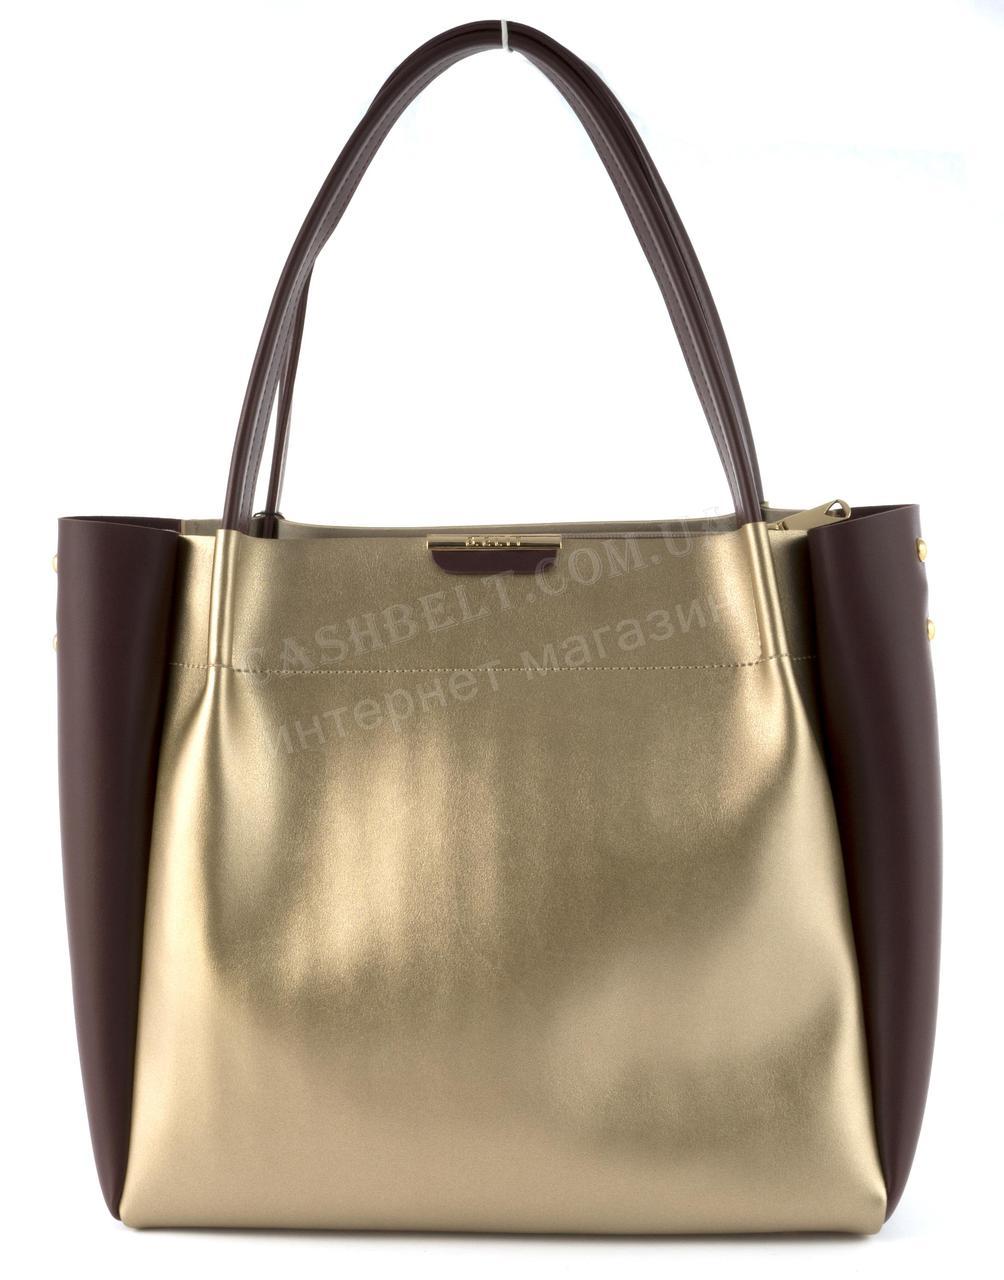 dcc37fc074d3 Вместительная прочная модная сумка из эко кожи высокого качества B.Elite  art. 07-